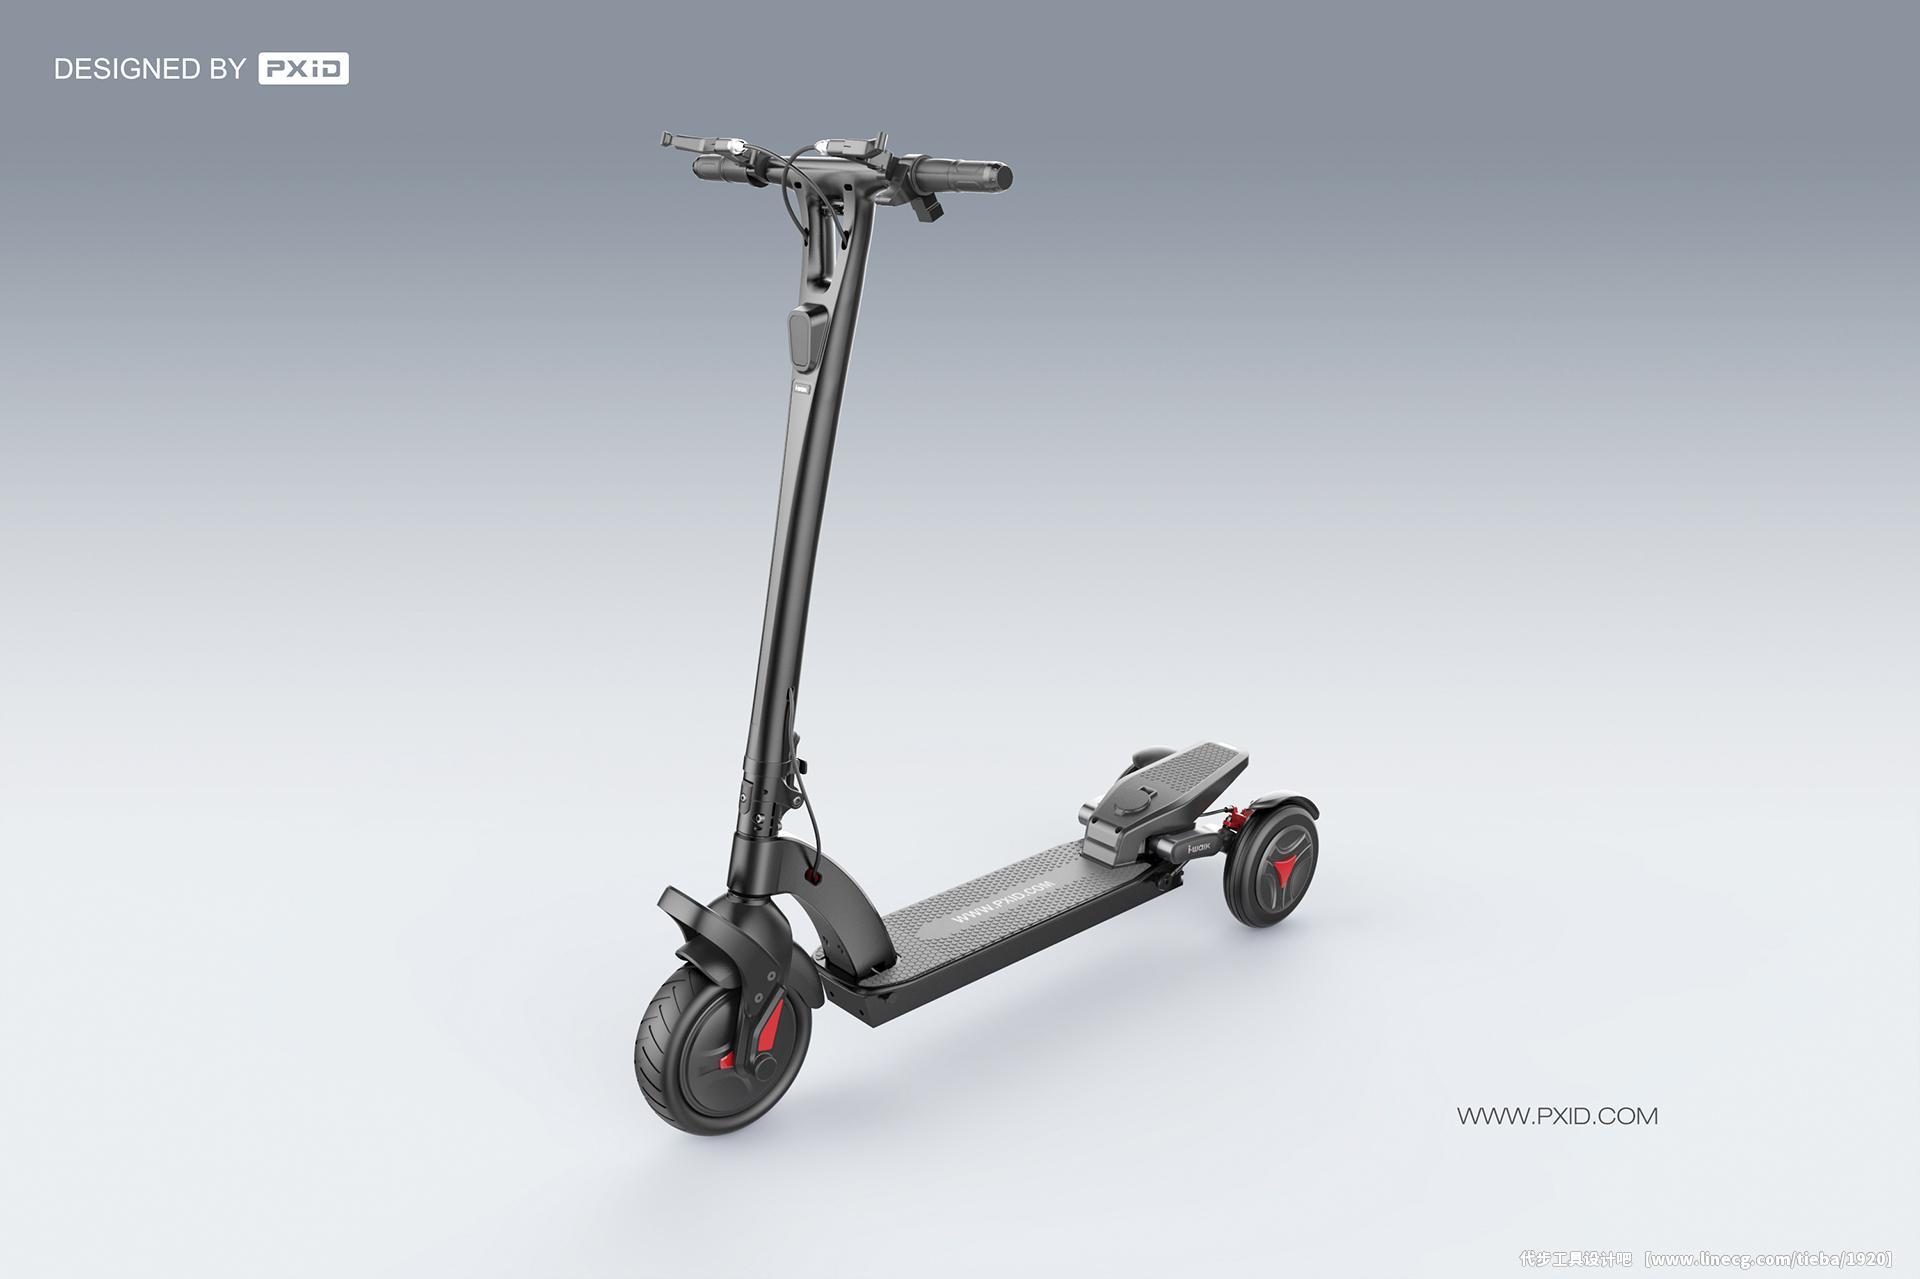 品向工业设计 电动三轮滑板车设计_代步工具设计吧吧